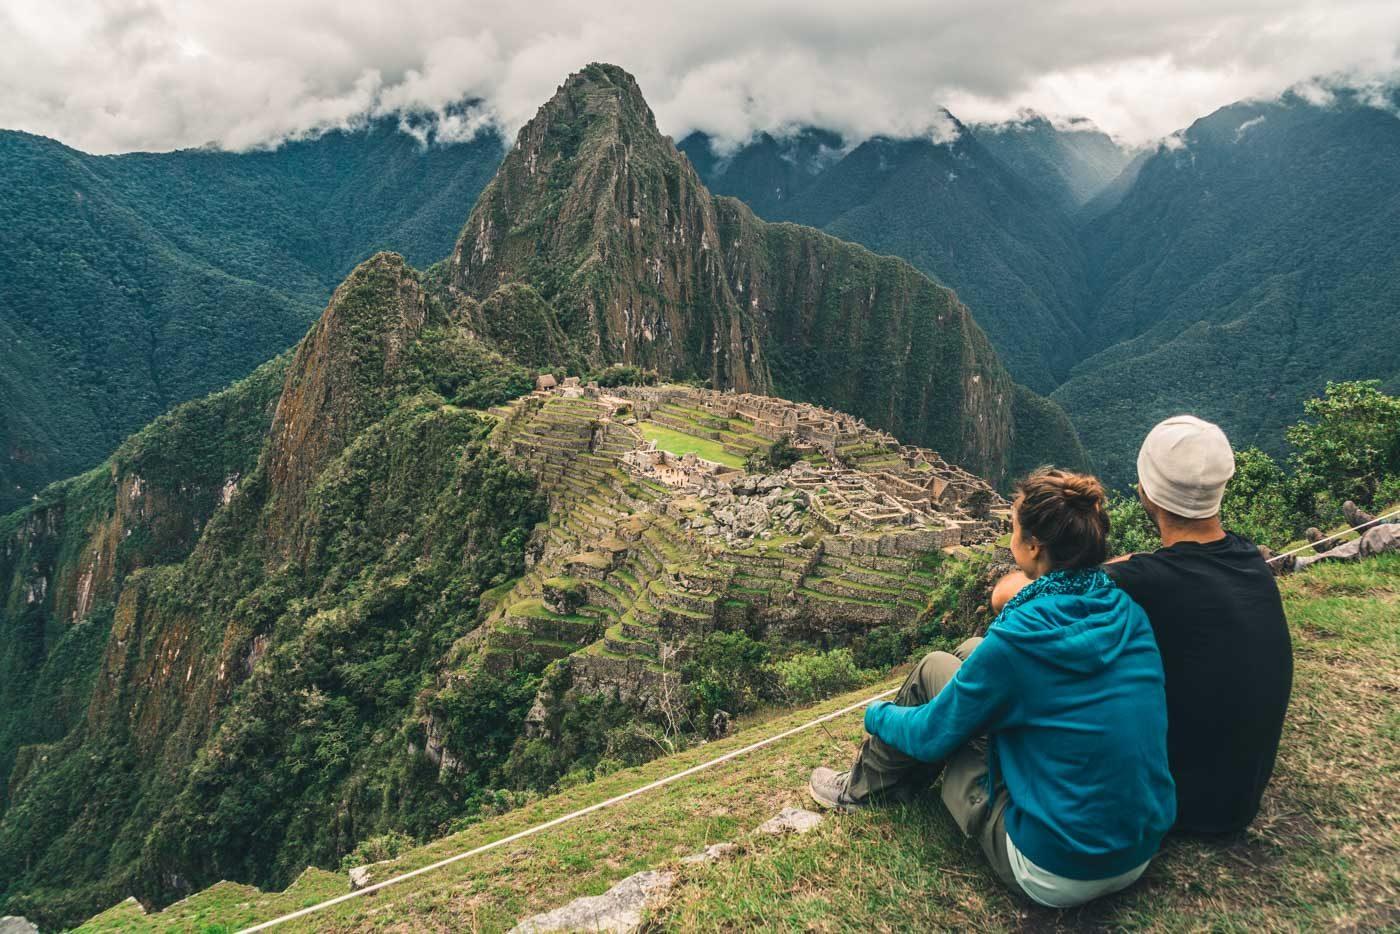 Overlooking Machu Picchu, Peru